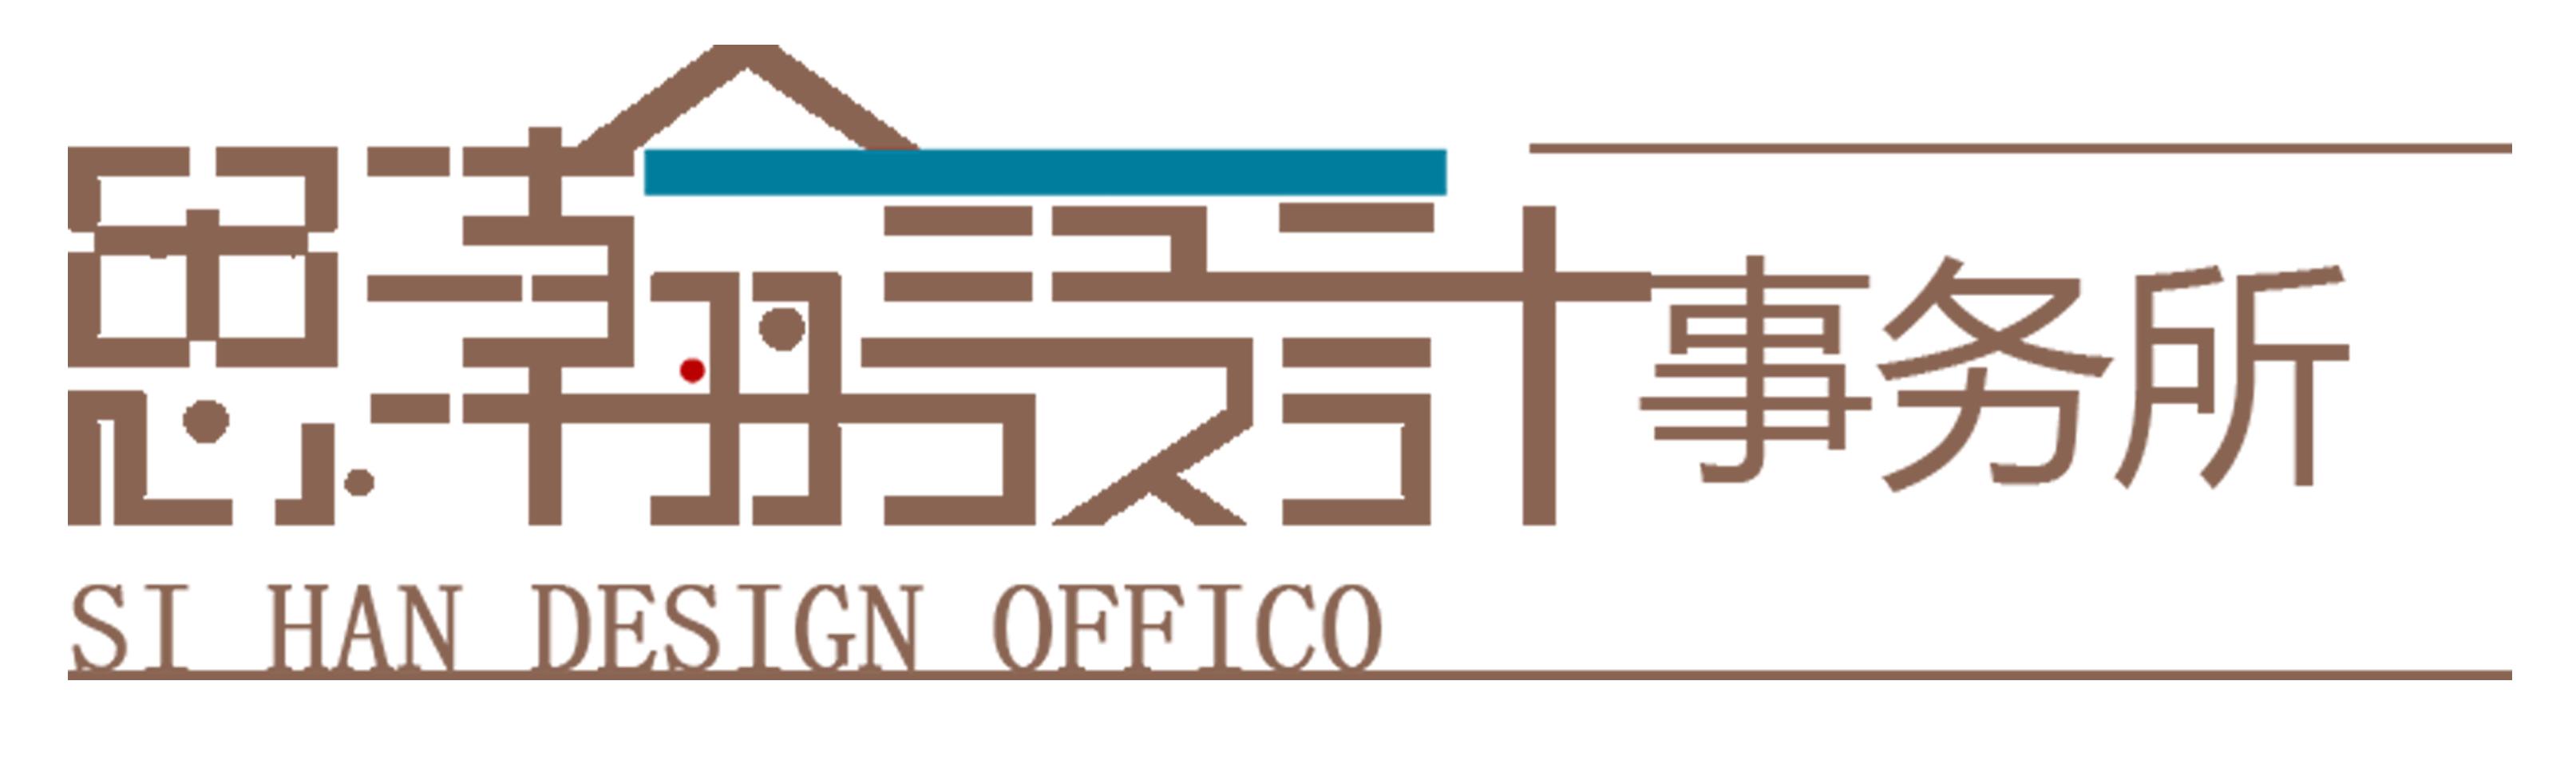 广州思瀚设计事务所(广州)有限公司 - 广州装修公司